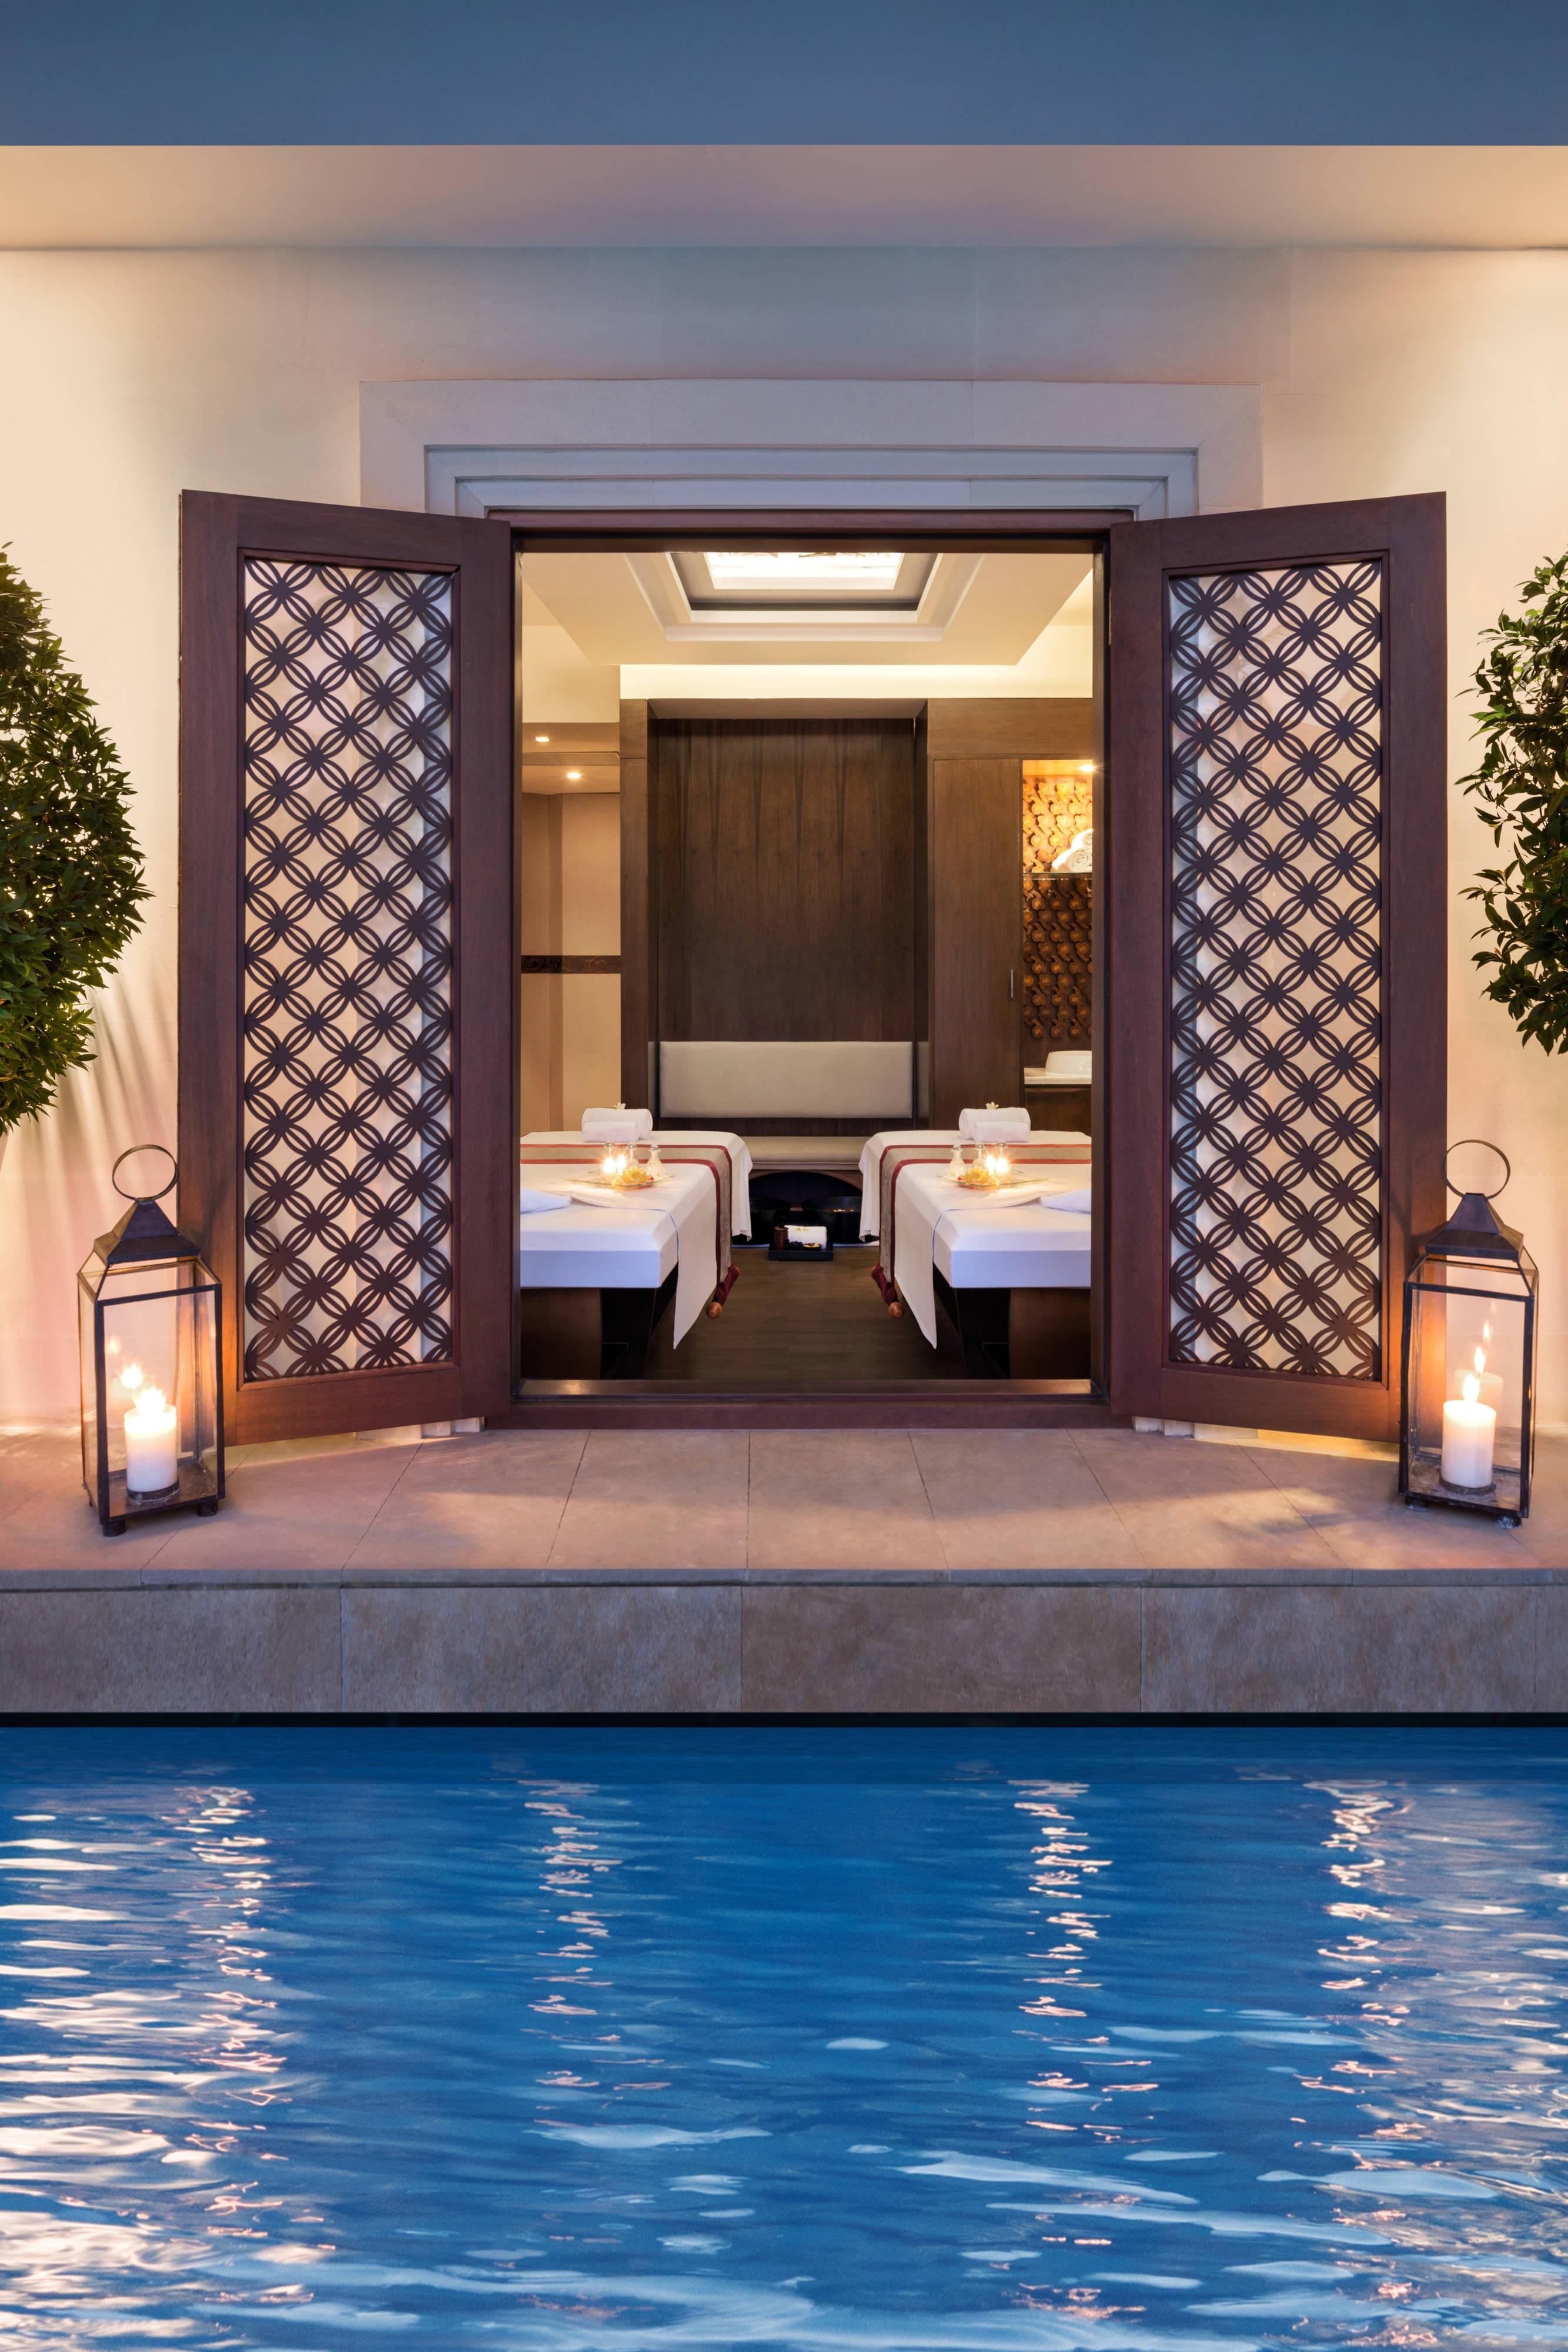 Lagoon Spa - Treatment Room